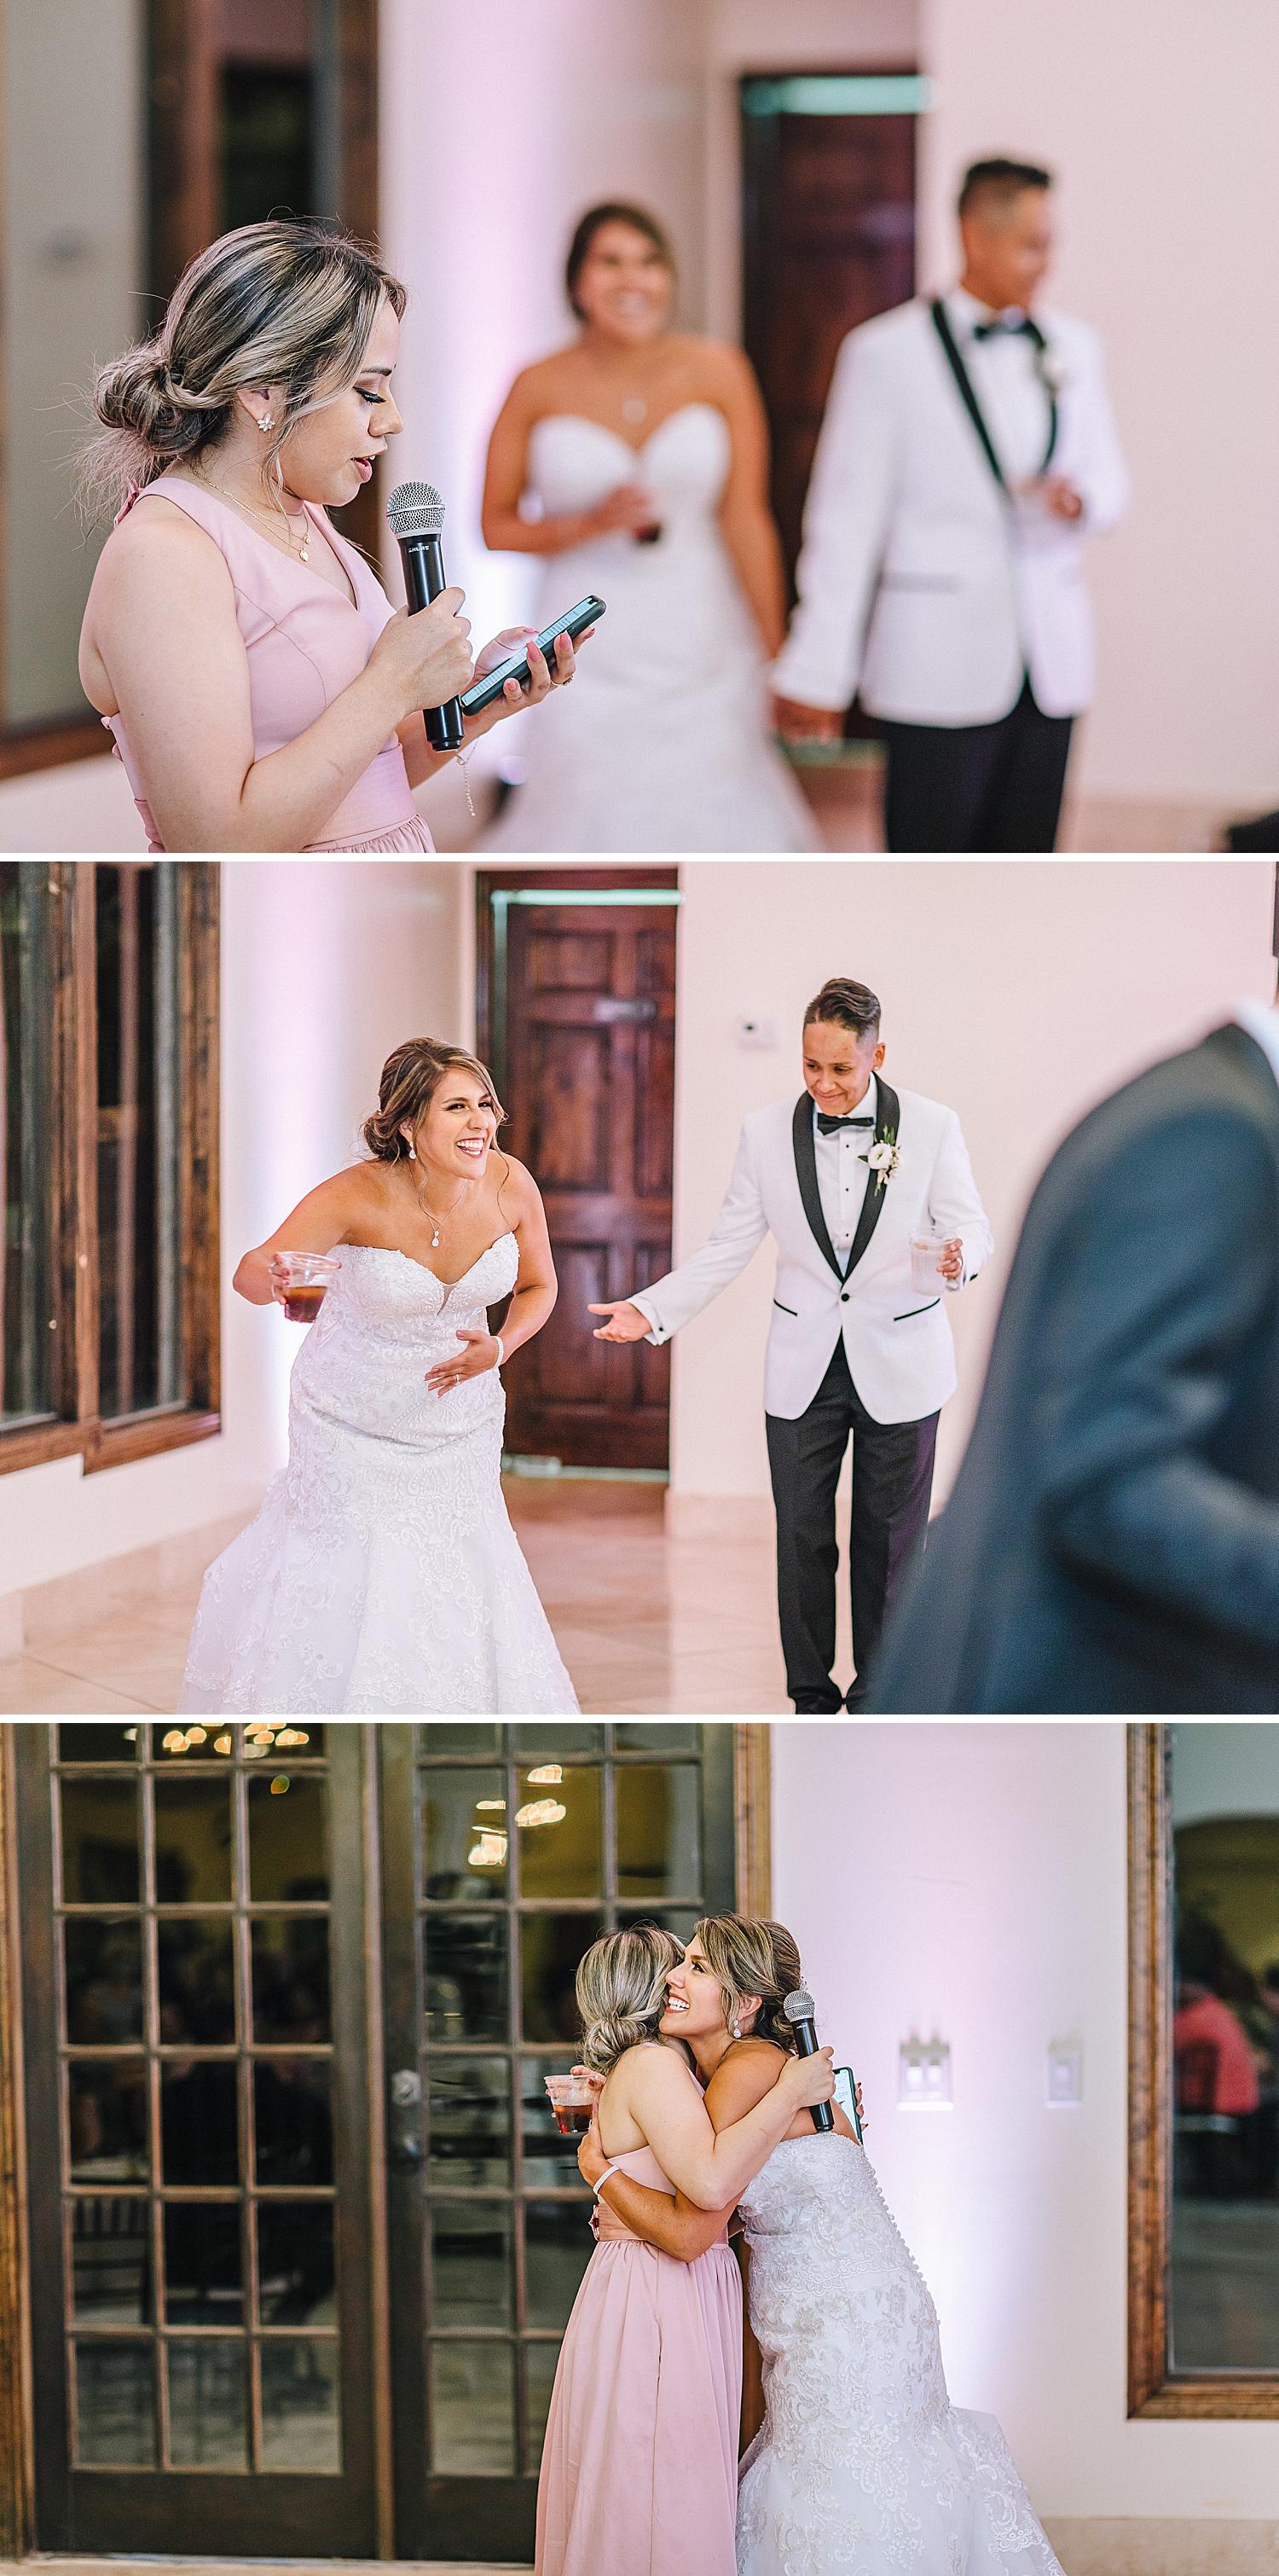 Carly-Barton-Photography-The-Villa-at-Cielo-Vista-Blush-Gold-White-Wedding-Photos_0054.jpg